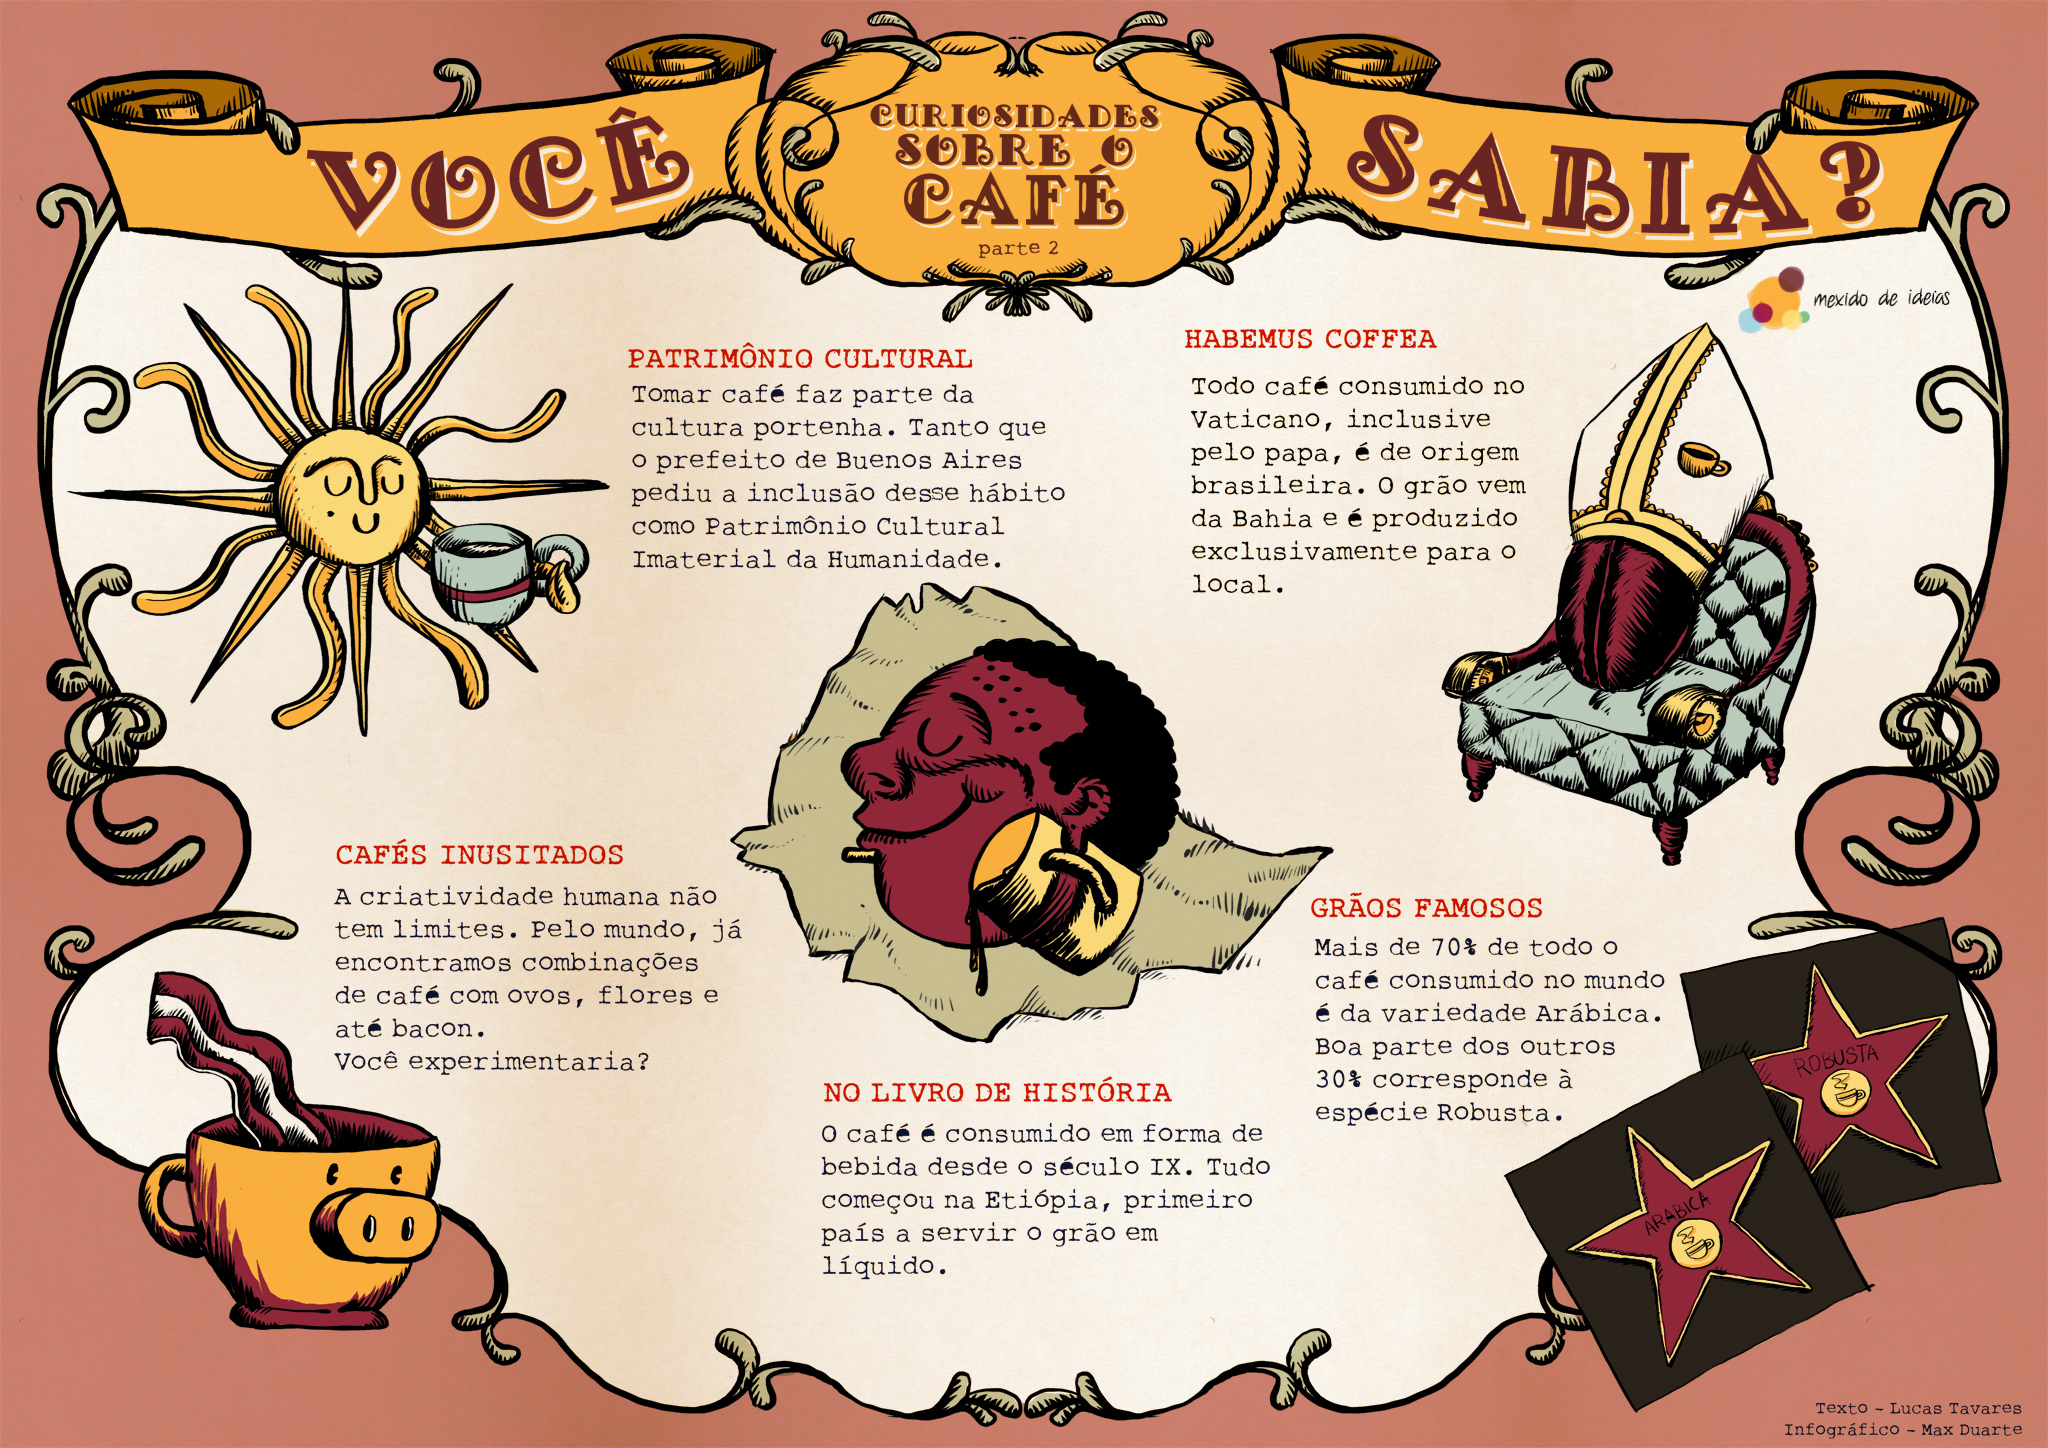 Infográfico do café #9 – Curiosidades do café (Parte 2)